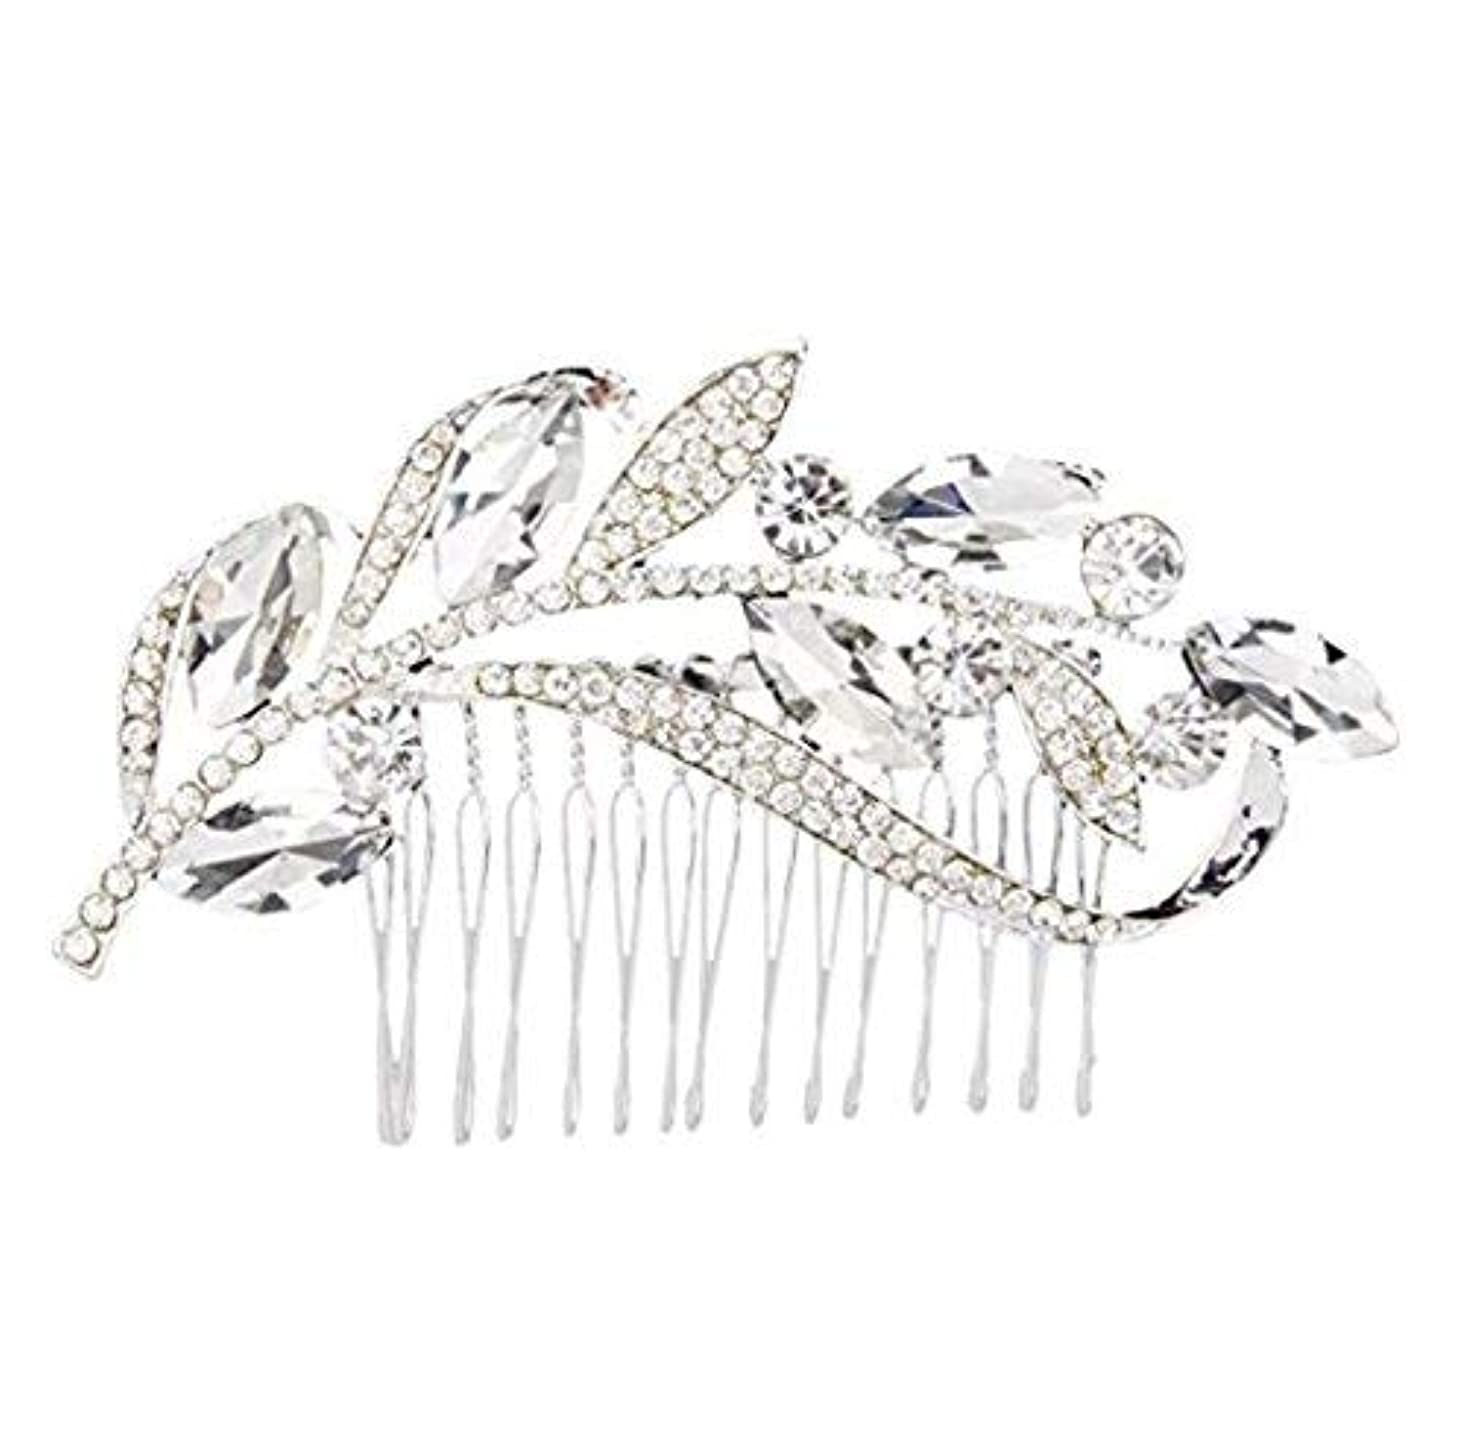 旅行プログラム考案するLUOSAI 女の子の葉の結婚式のブライダルラインストーンのモデルの華麗なクリップヘアコームユニークで便利